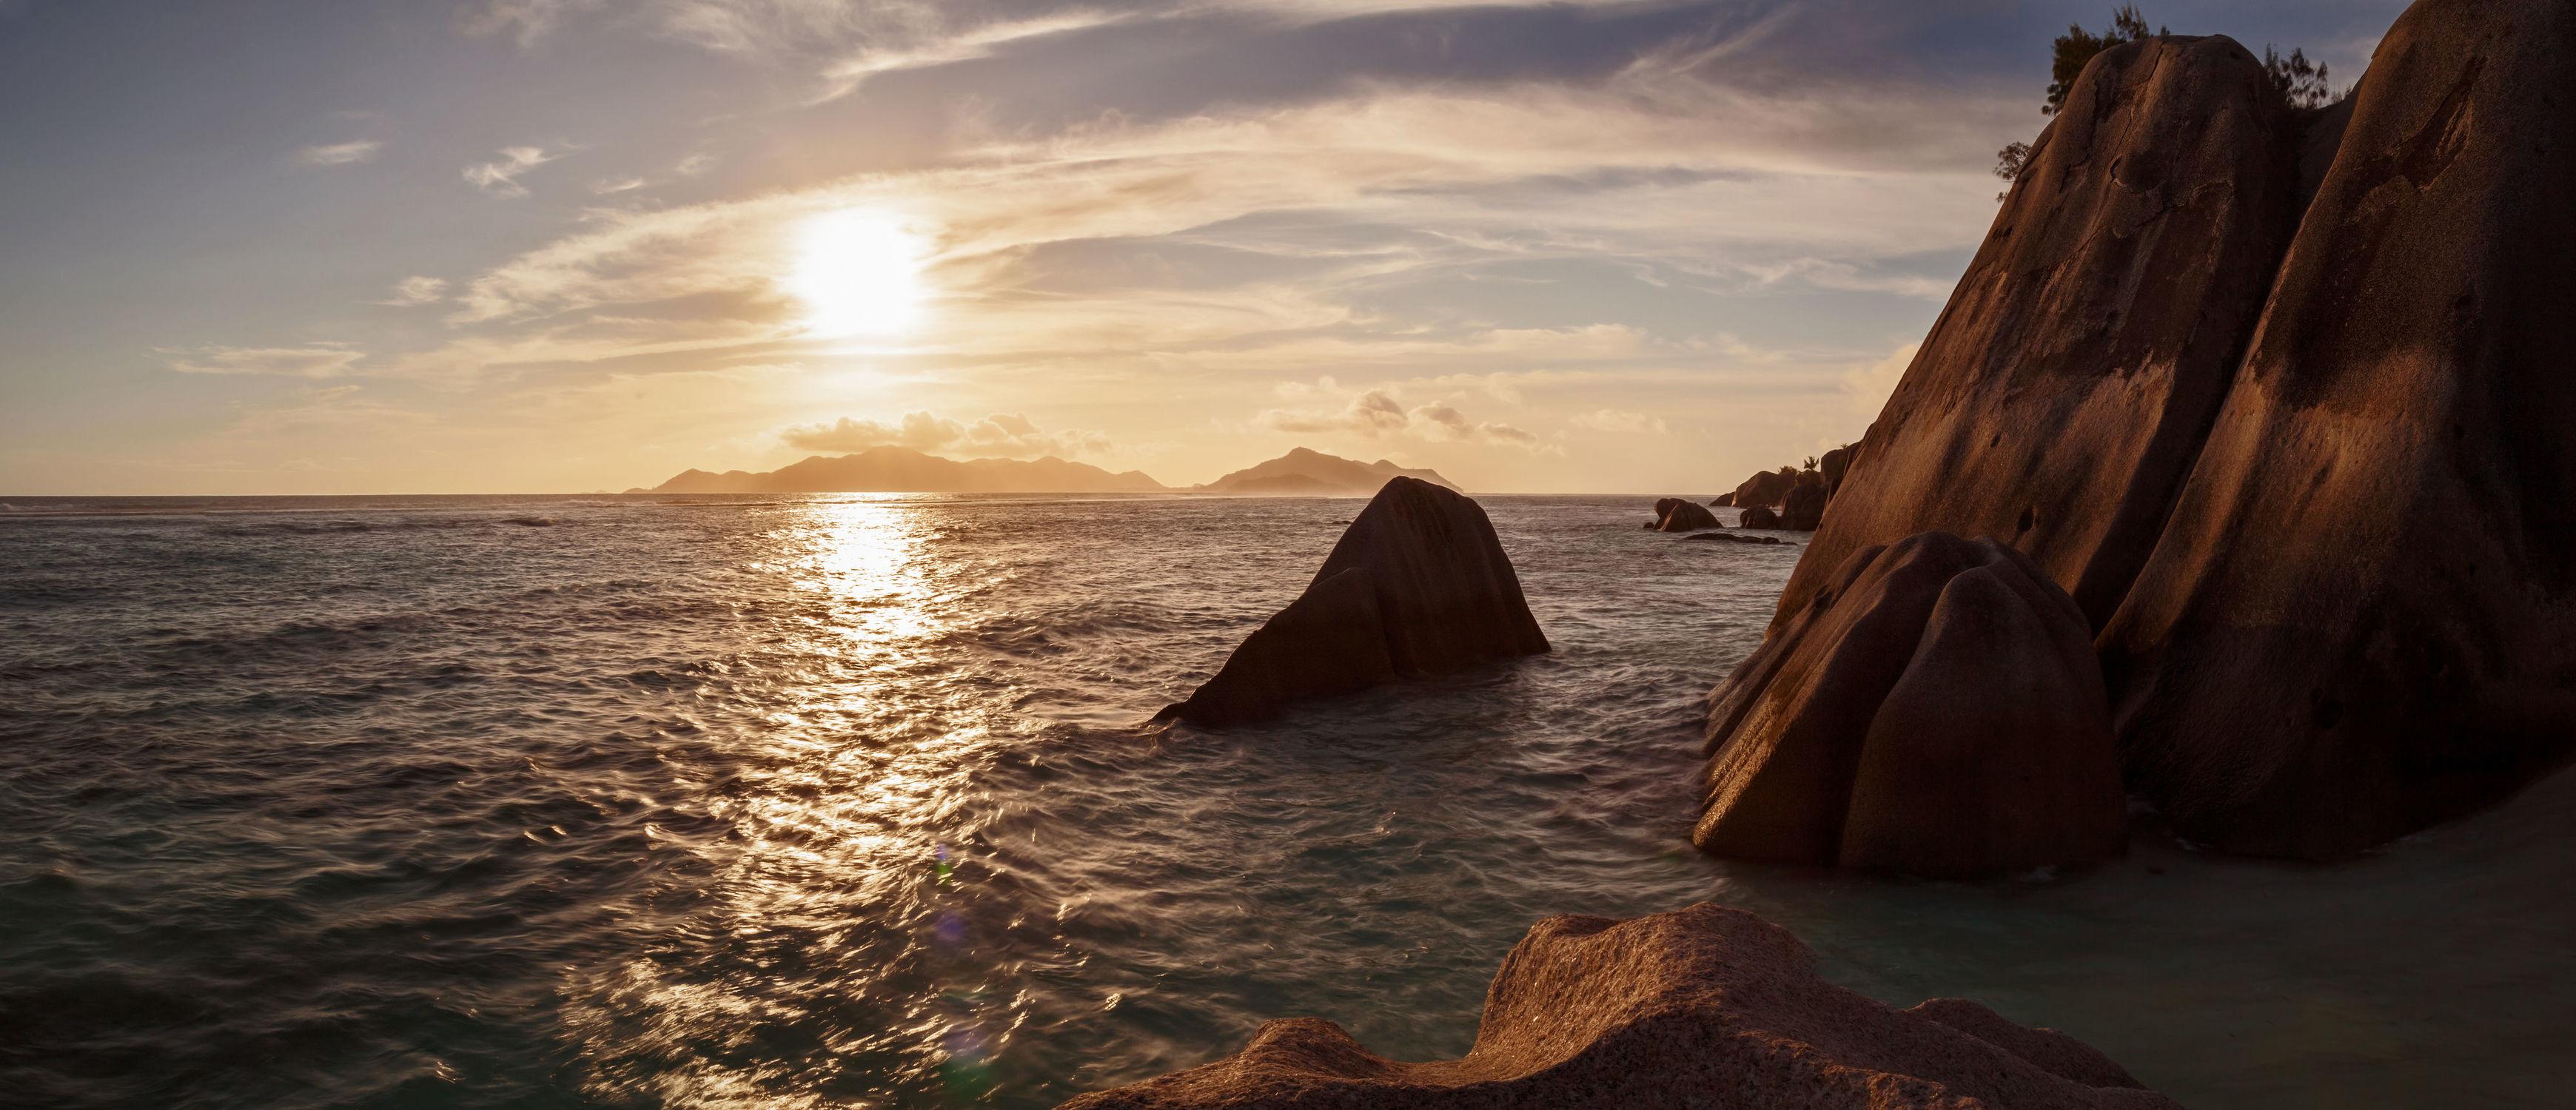 Bild mit Natur, Wasser, Gewässer, Felsen, Urlaub, See, Küste, Am Meer, ozean, Fels